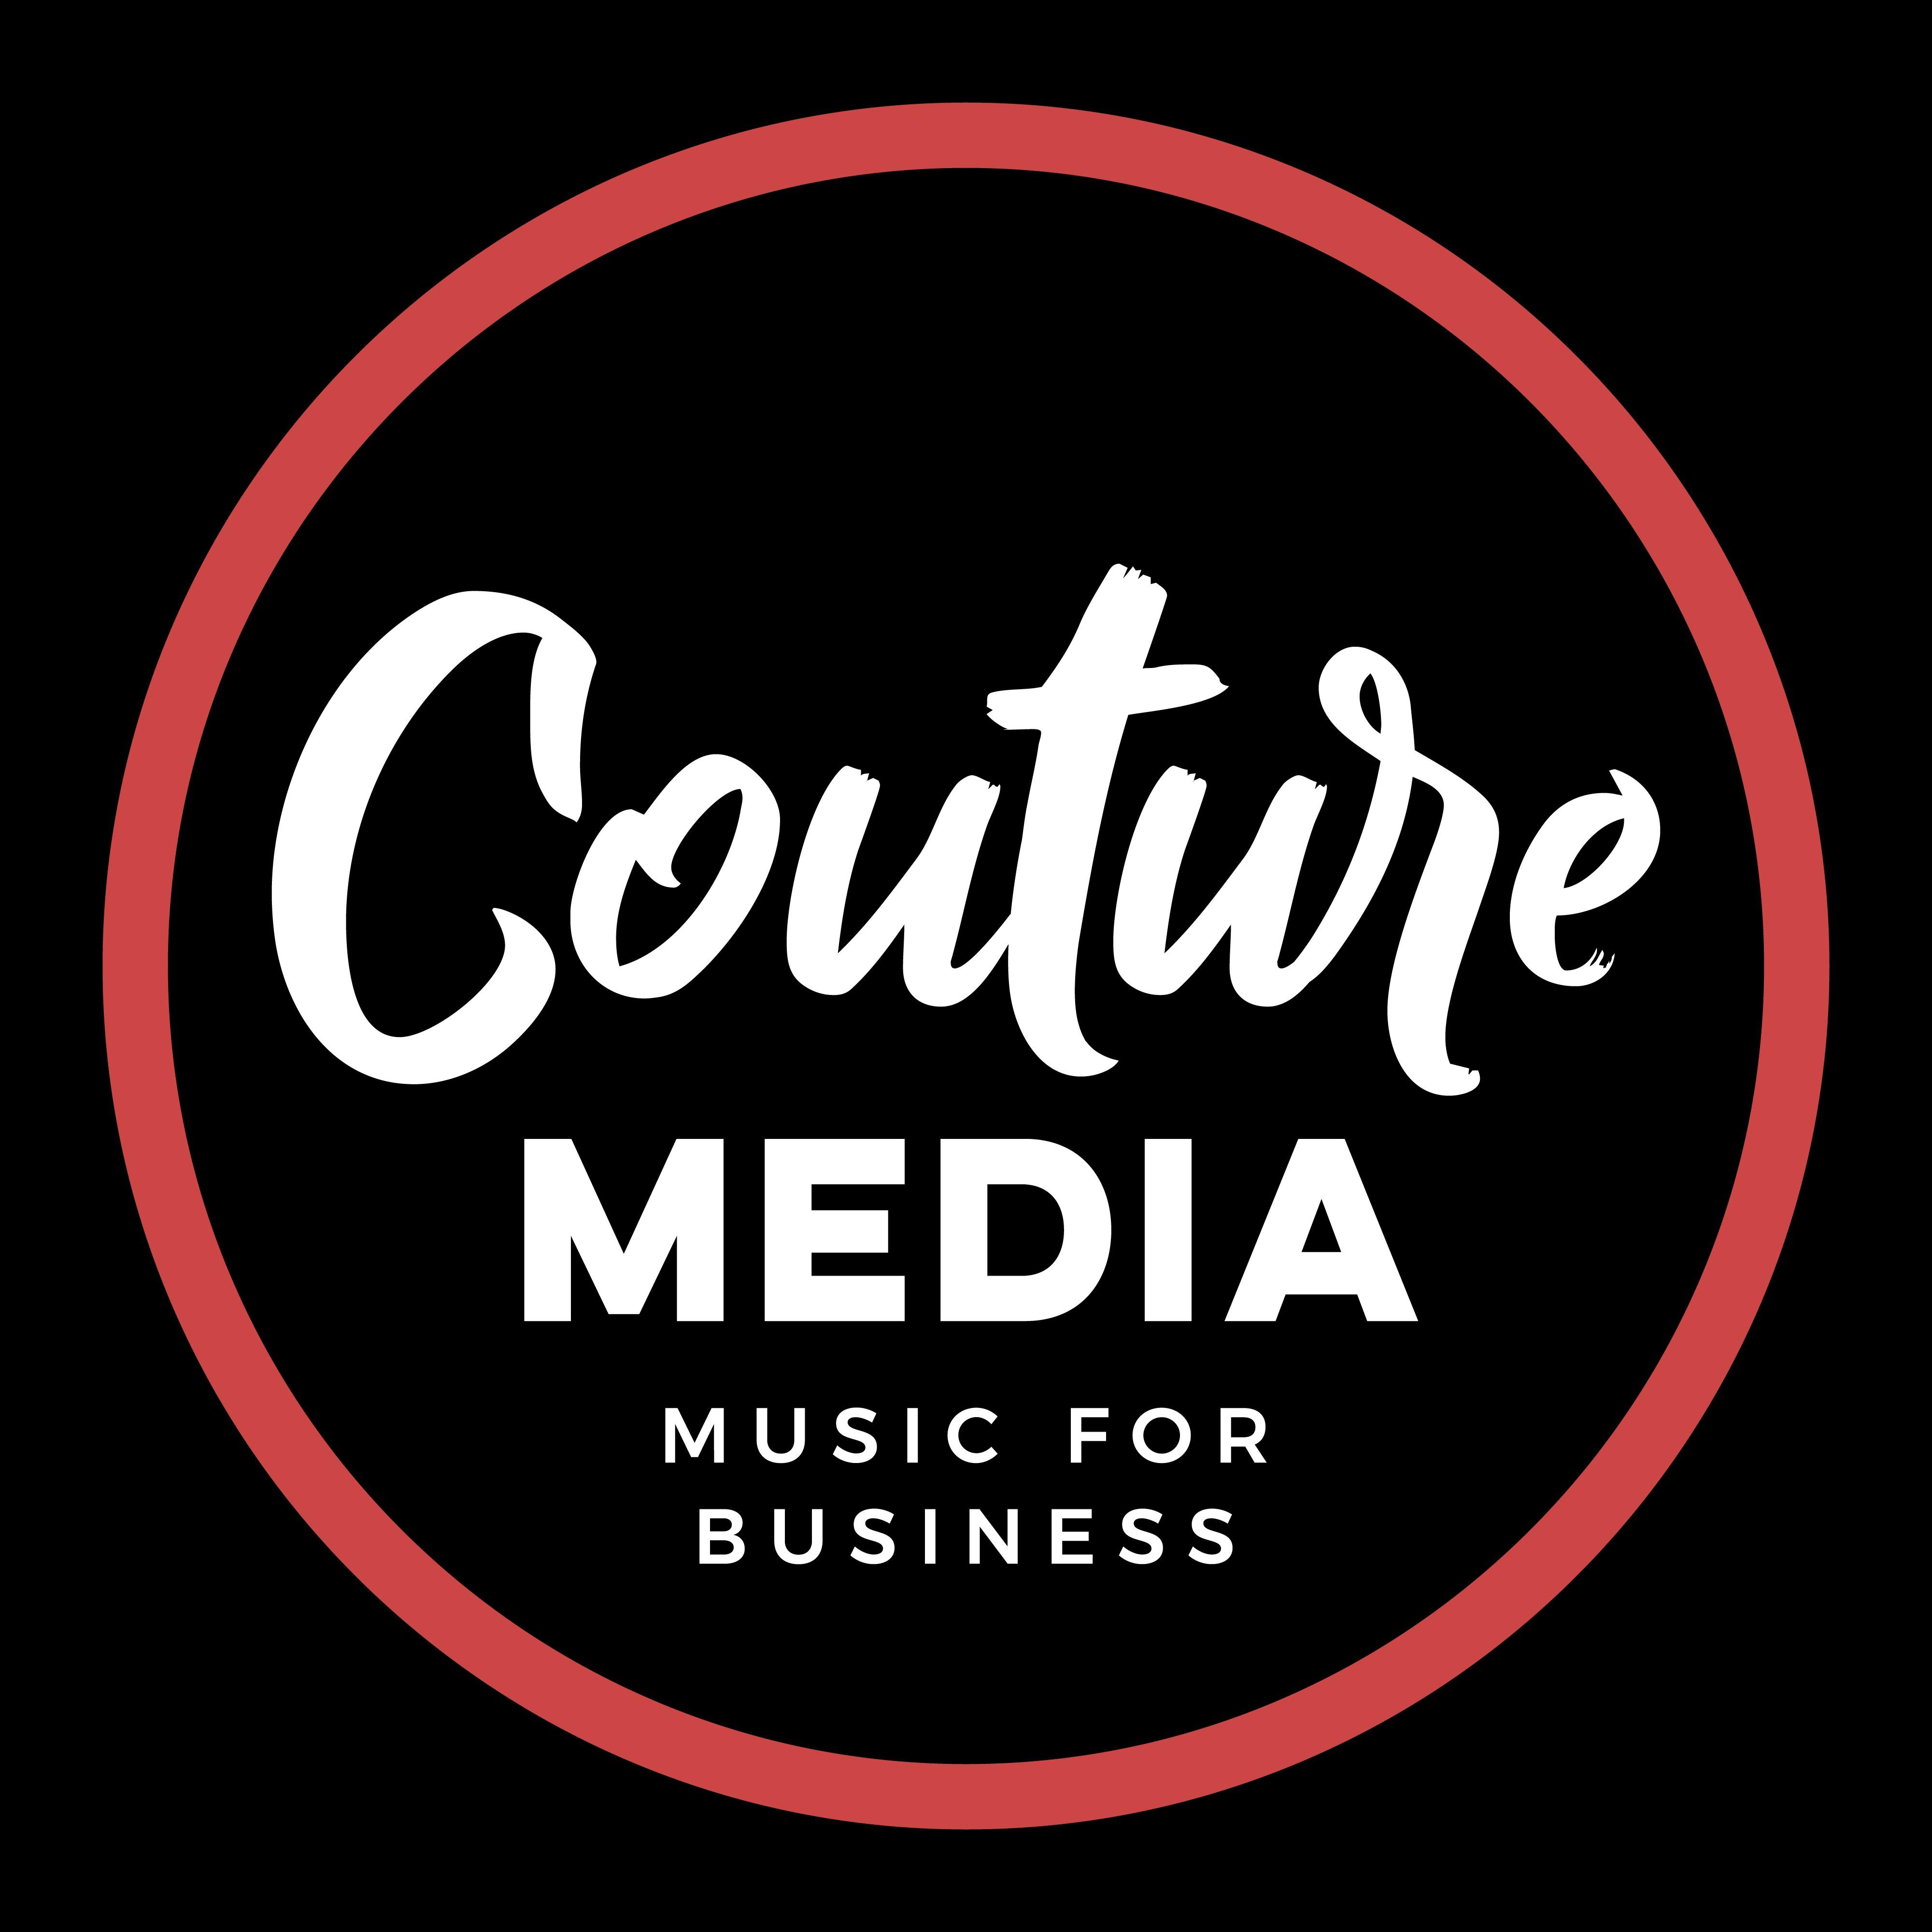 Couture Media rebrand